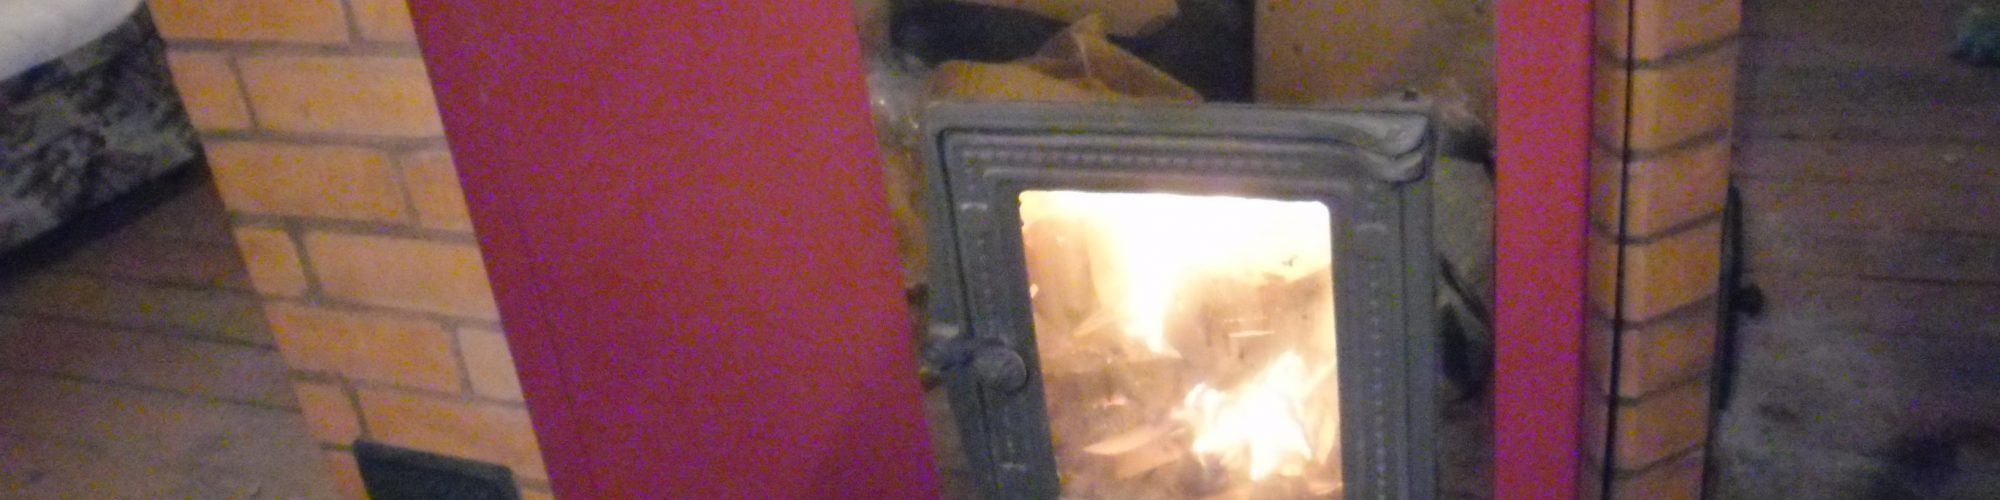 Плита дровяная для дачи.